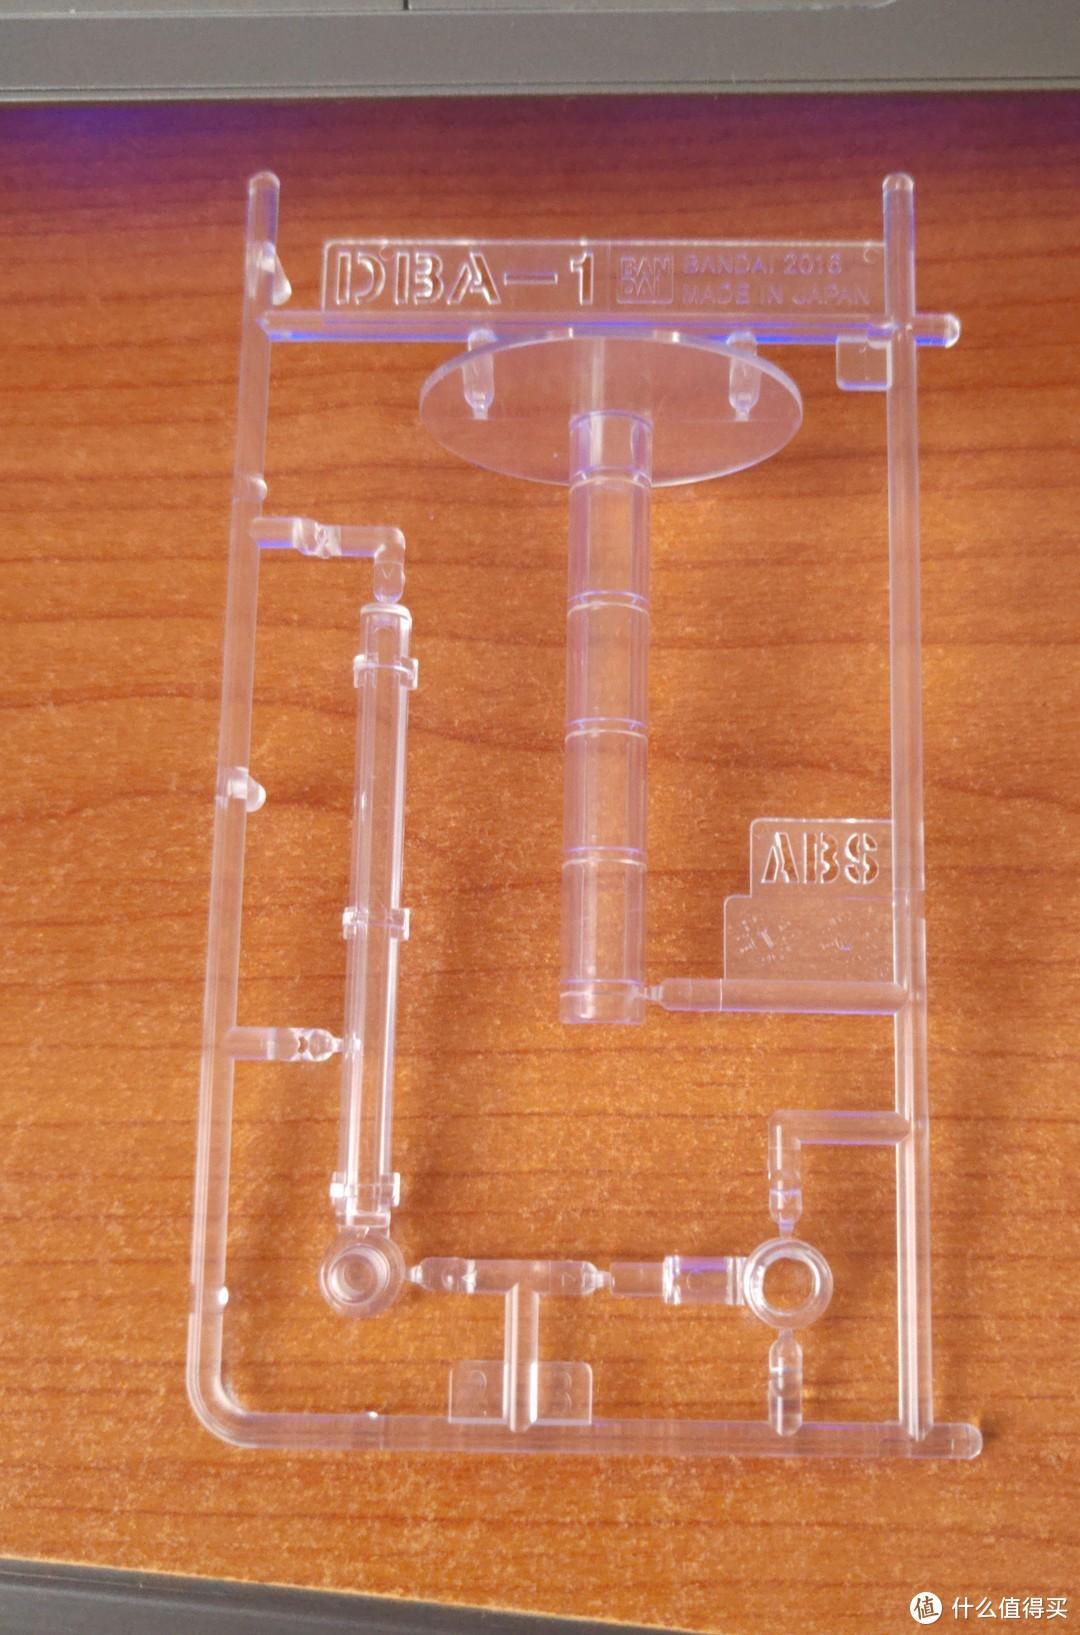 童年梦中的龙珠——万代 Figure-rise Standard 龙珠拼装可动模型 魔人布欧(纯粹形态)